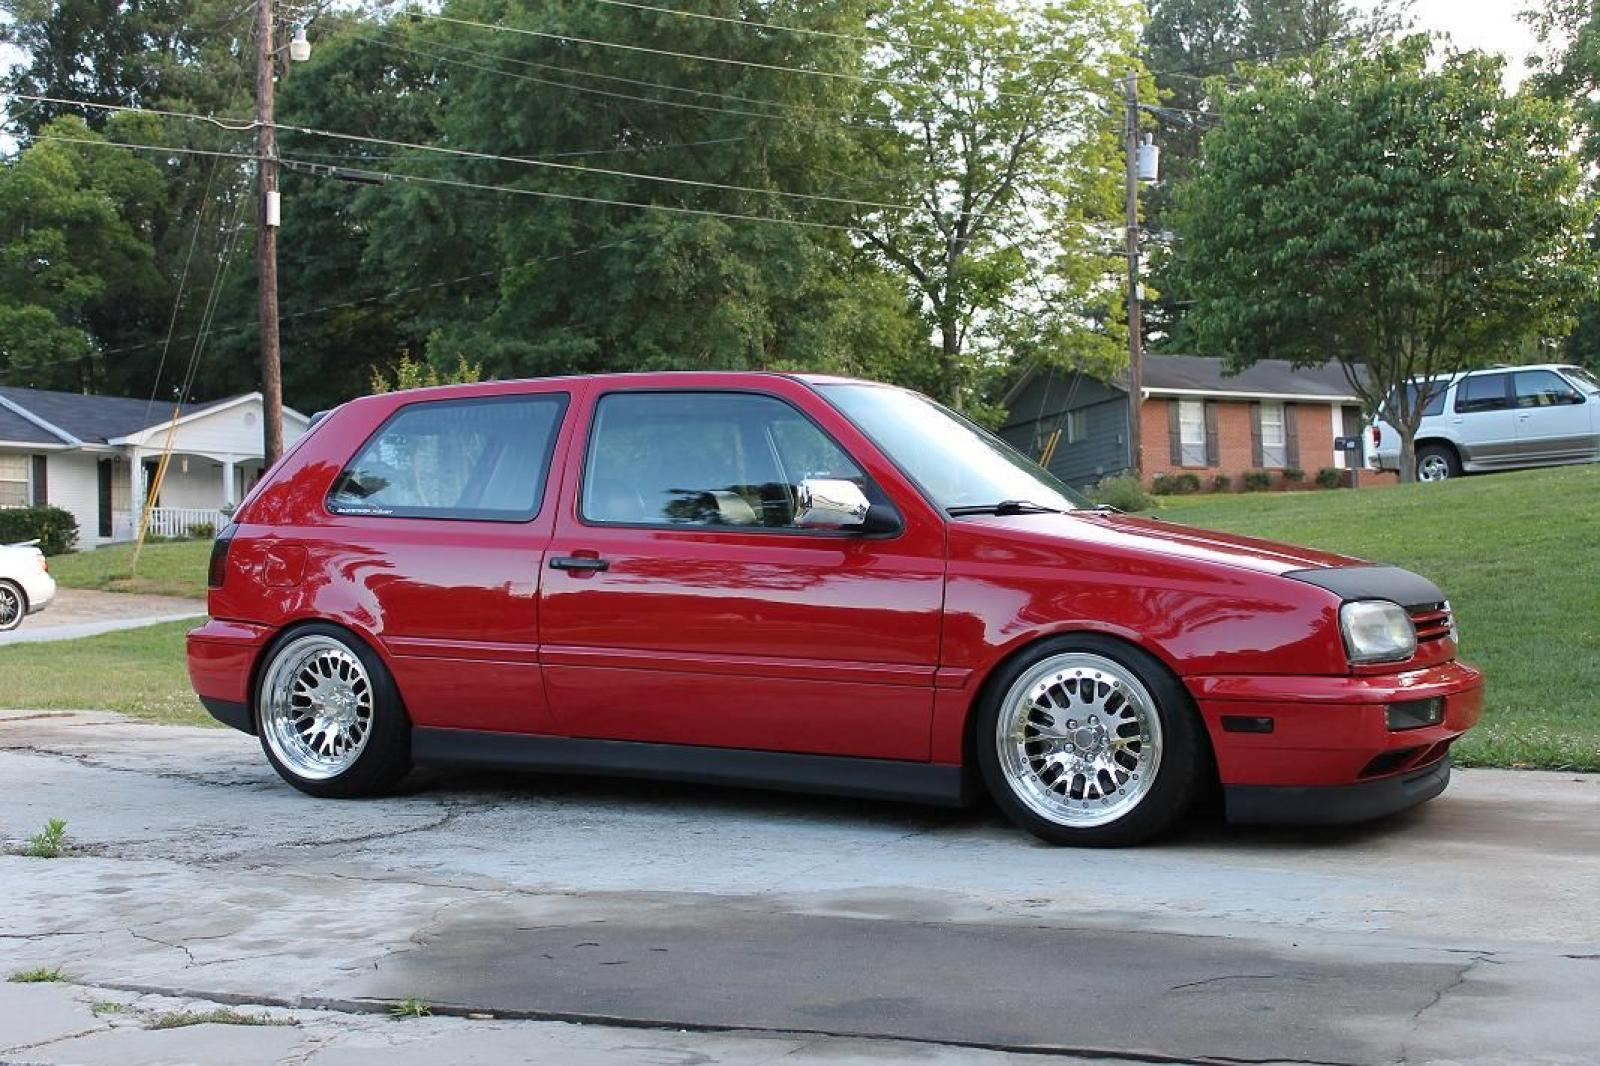 1998 Volkswagen GTI #8 Volkswagen GTI #8 800 1024 1280 1600 origin ...